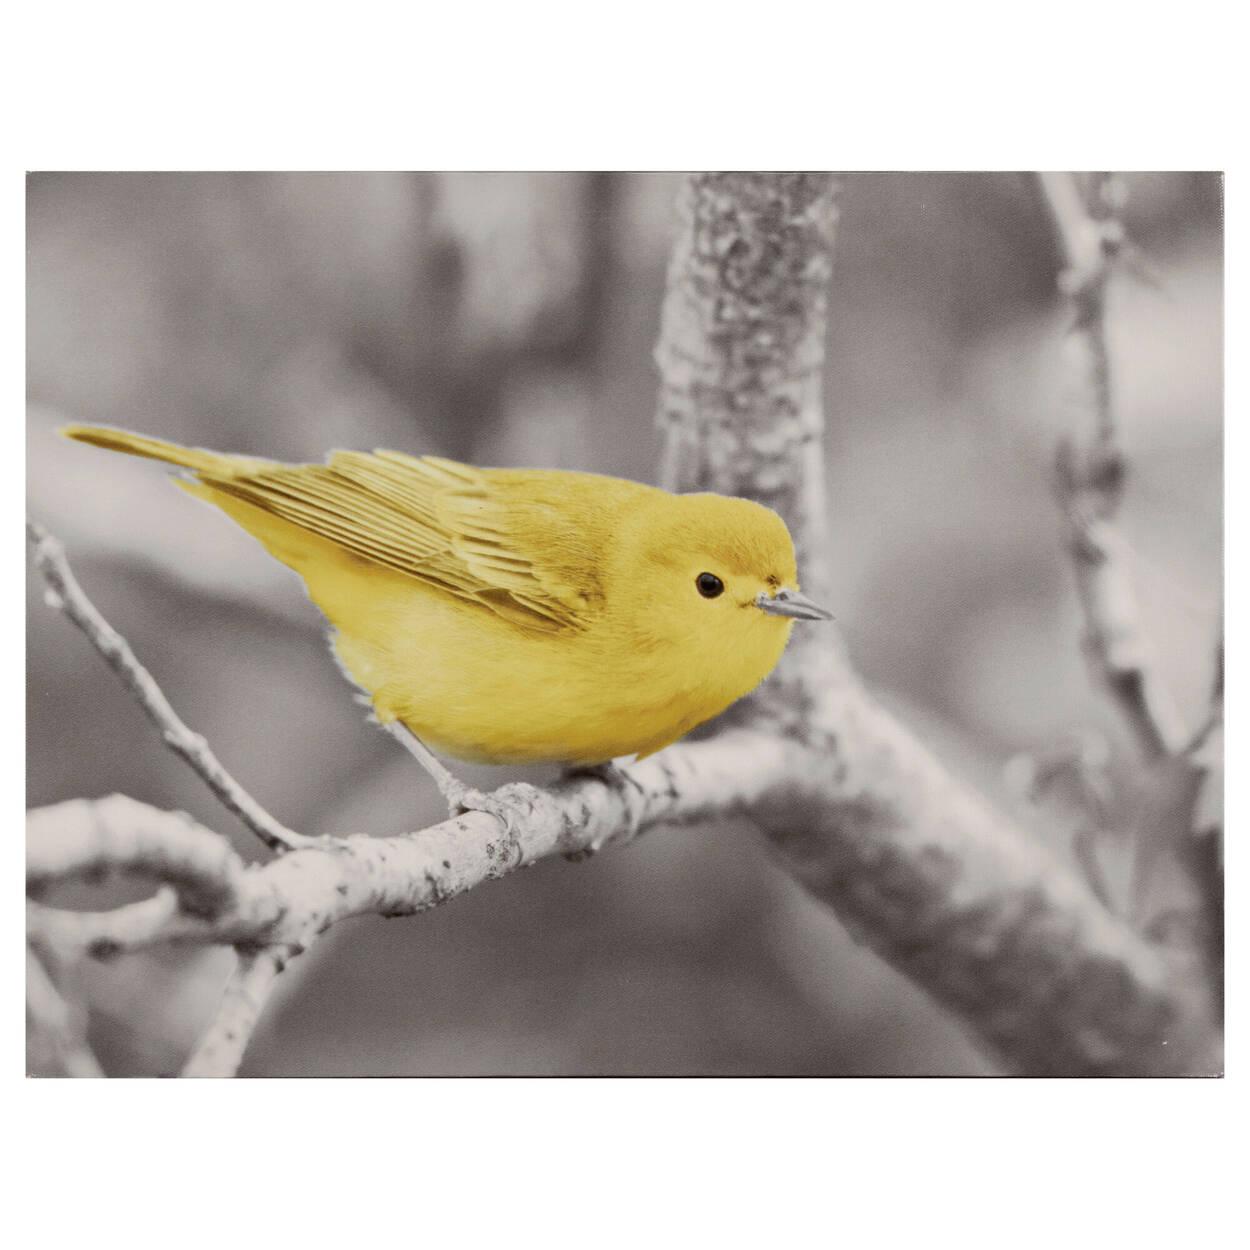 Tableau imprimé d'un oiseau sur une branche